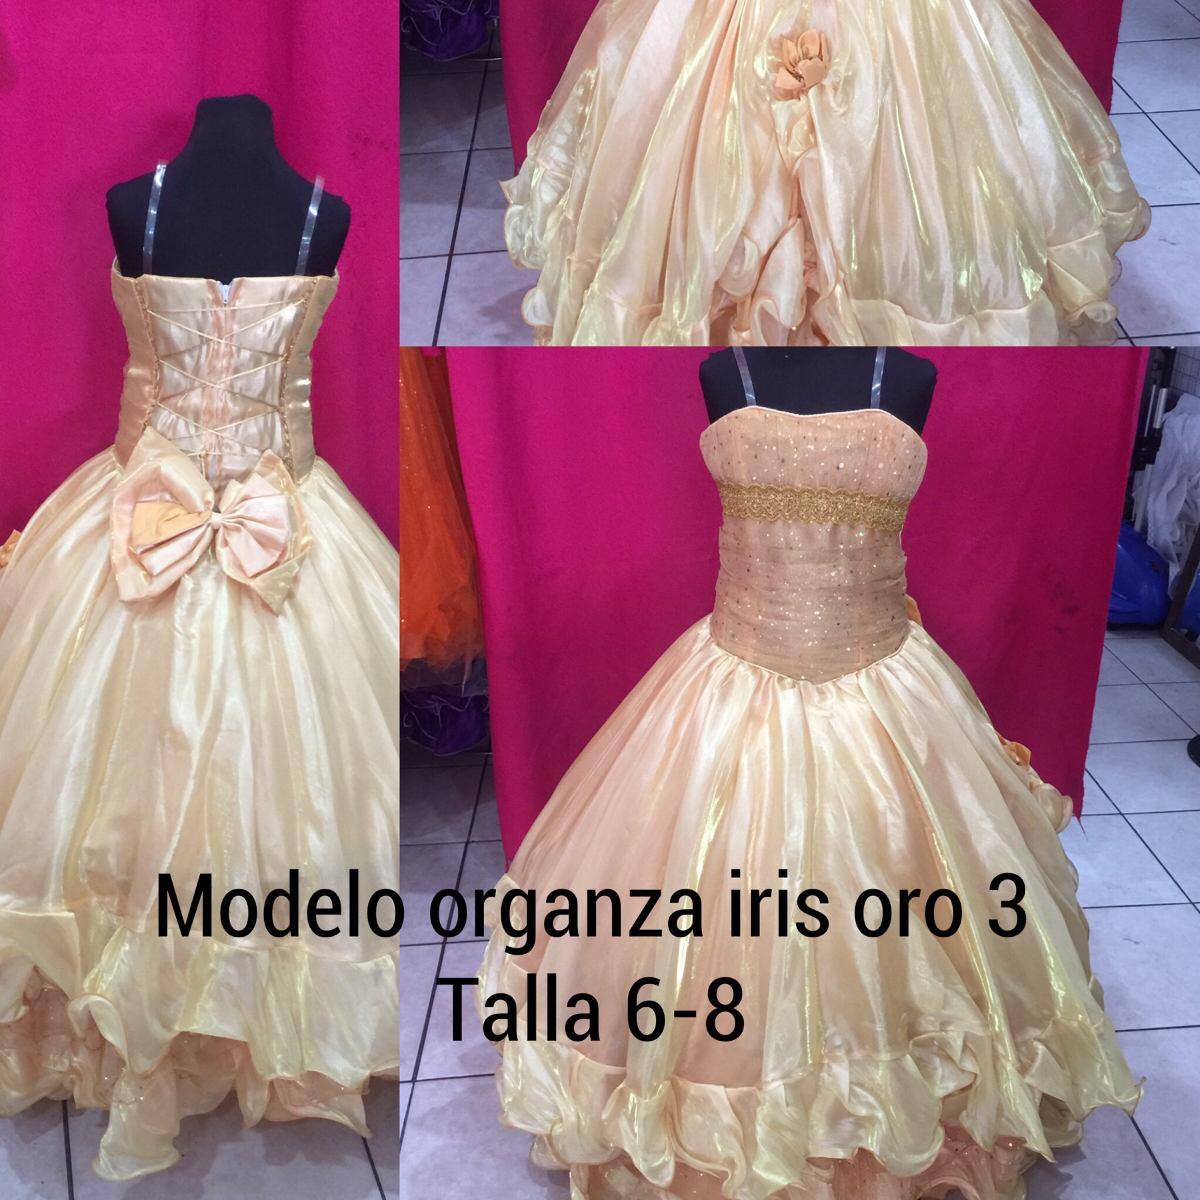 Vistoso Niñas Vestidos De Fiesta De Oro Embellecimiento - Colección ...